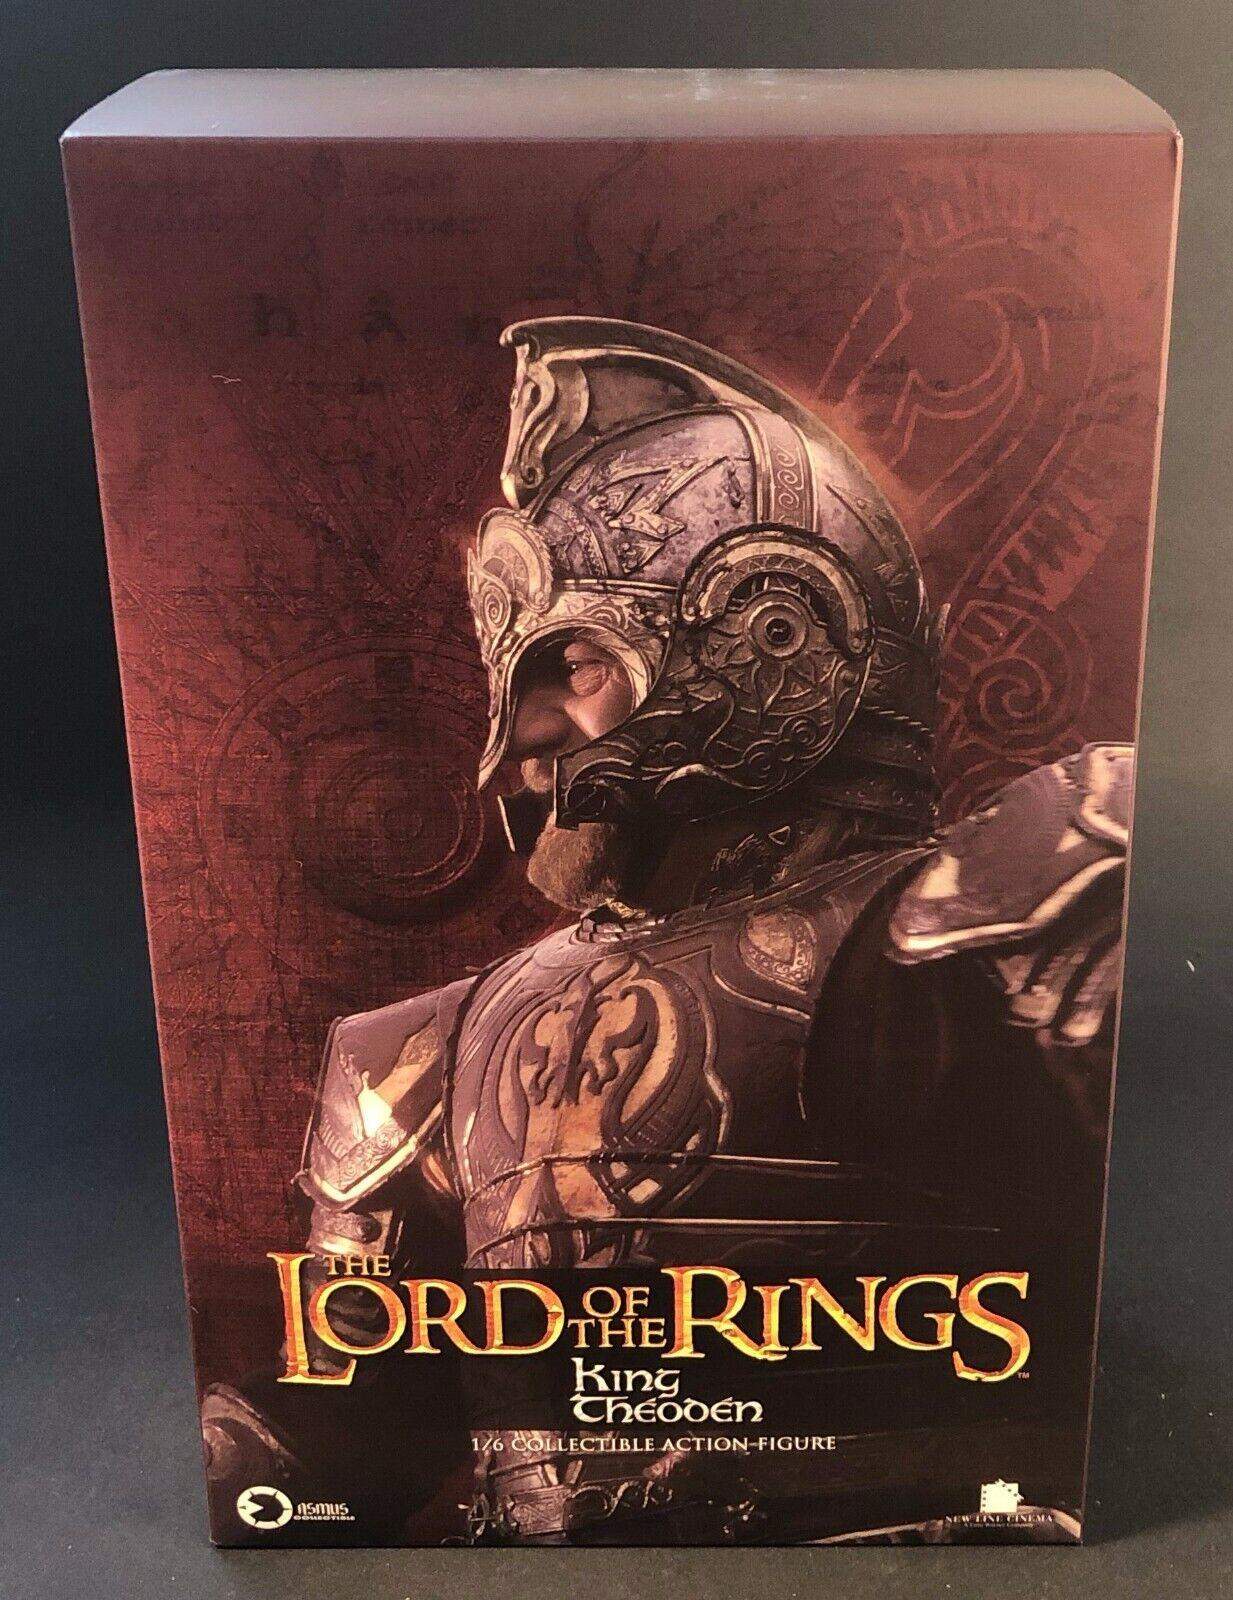 Asmus giocattoli LOTR22 The  Lord of the Rings Series re of Rohan THEODEN 1 6 cifra  migliori prezzi e stili più freschi